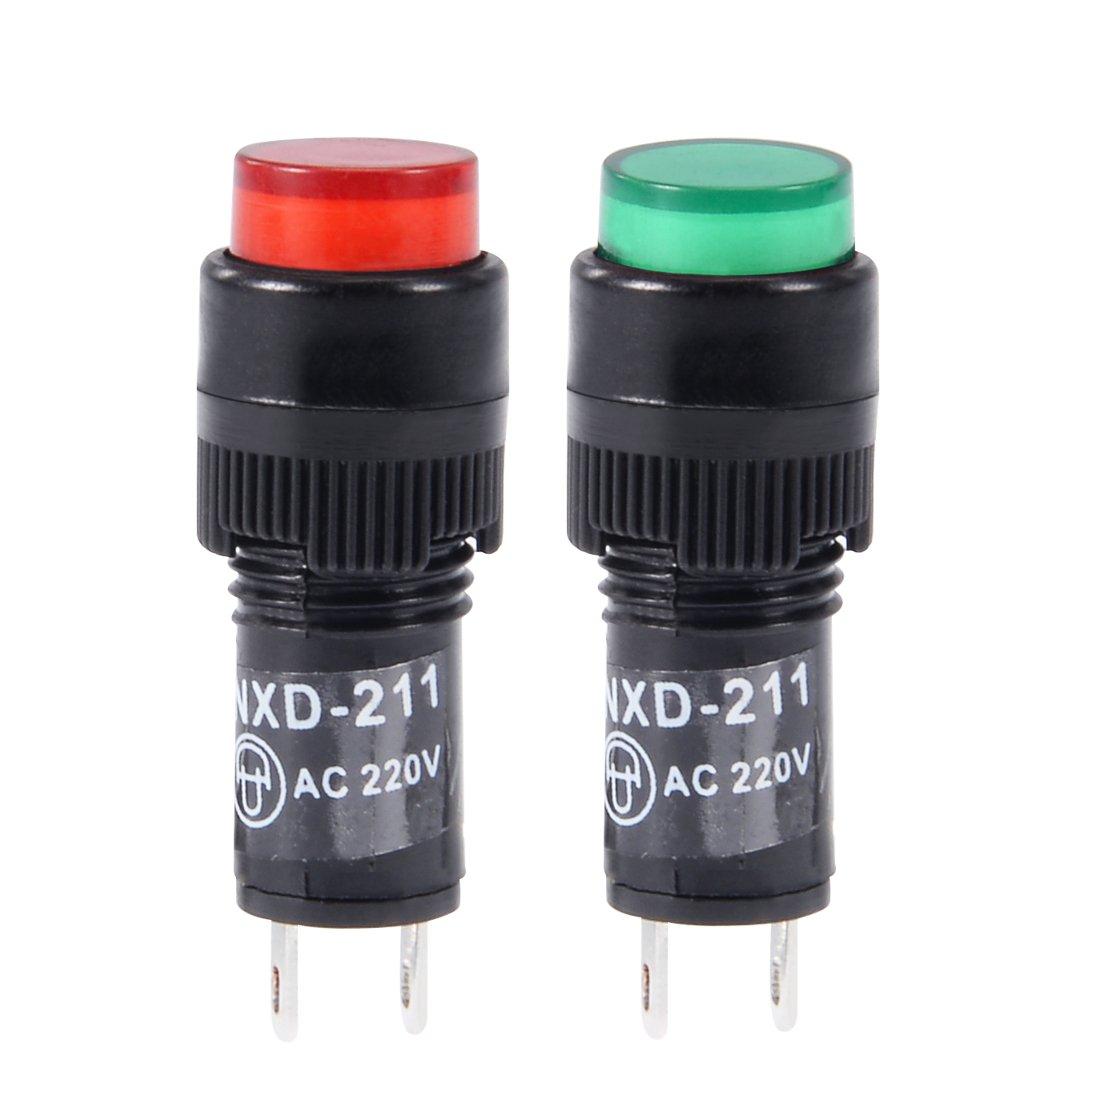 NXD-211 Bombilla de ne/ón verde sourcing map Luces indicadoras DC 12V montaje en panel al ras 2//510 mm 10 piezas